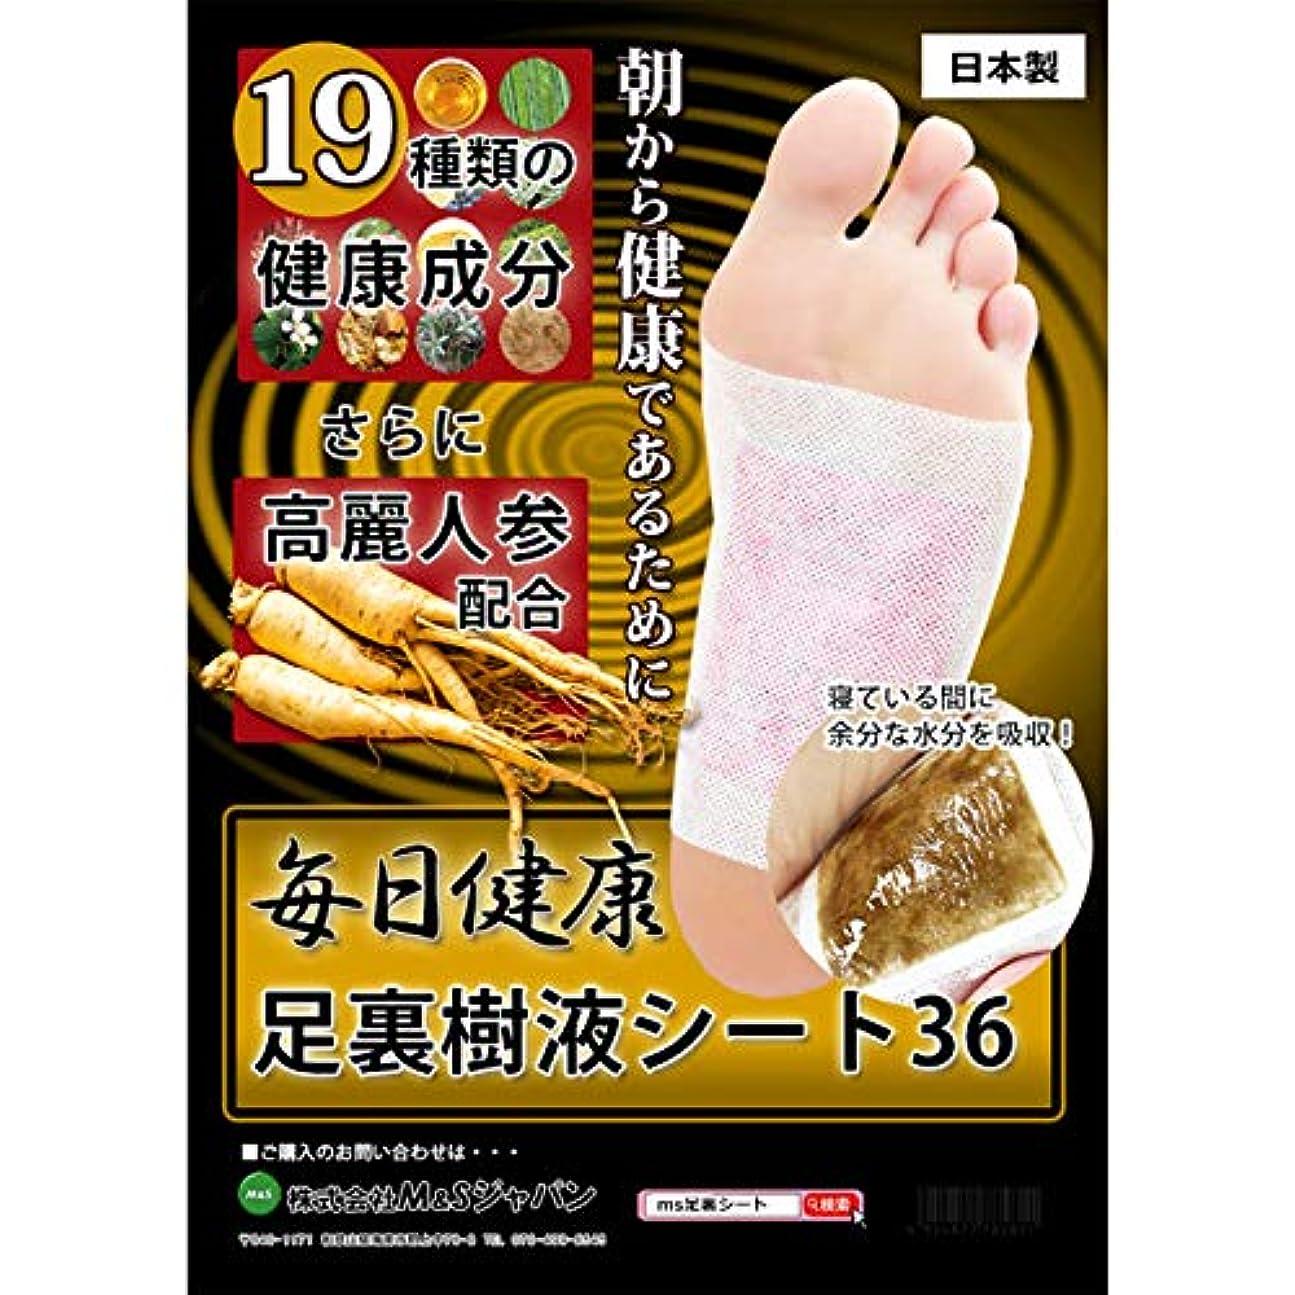 百科事典一回分配します毎日 健康 足裏樹液シート 高麗人参入り+19種類の健康成分 36枚 日本製